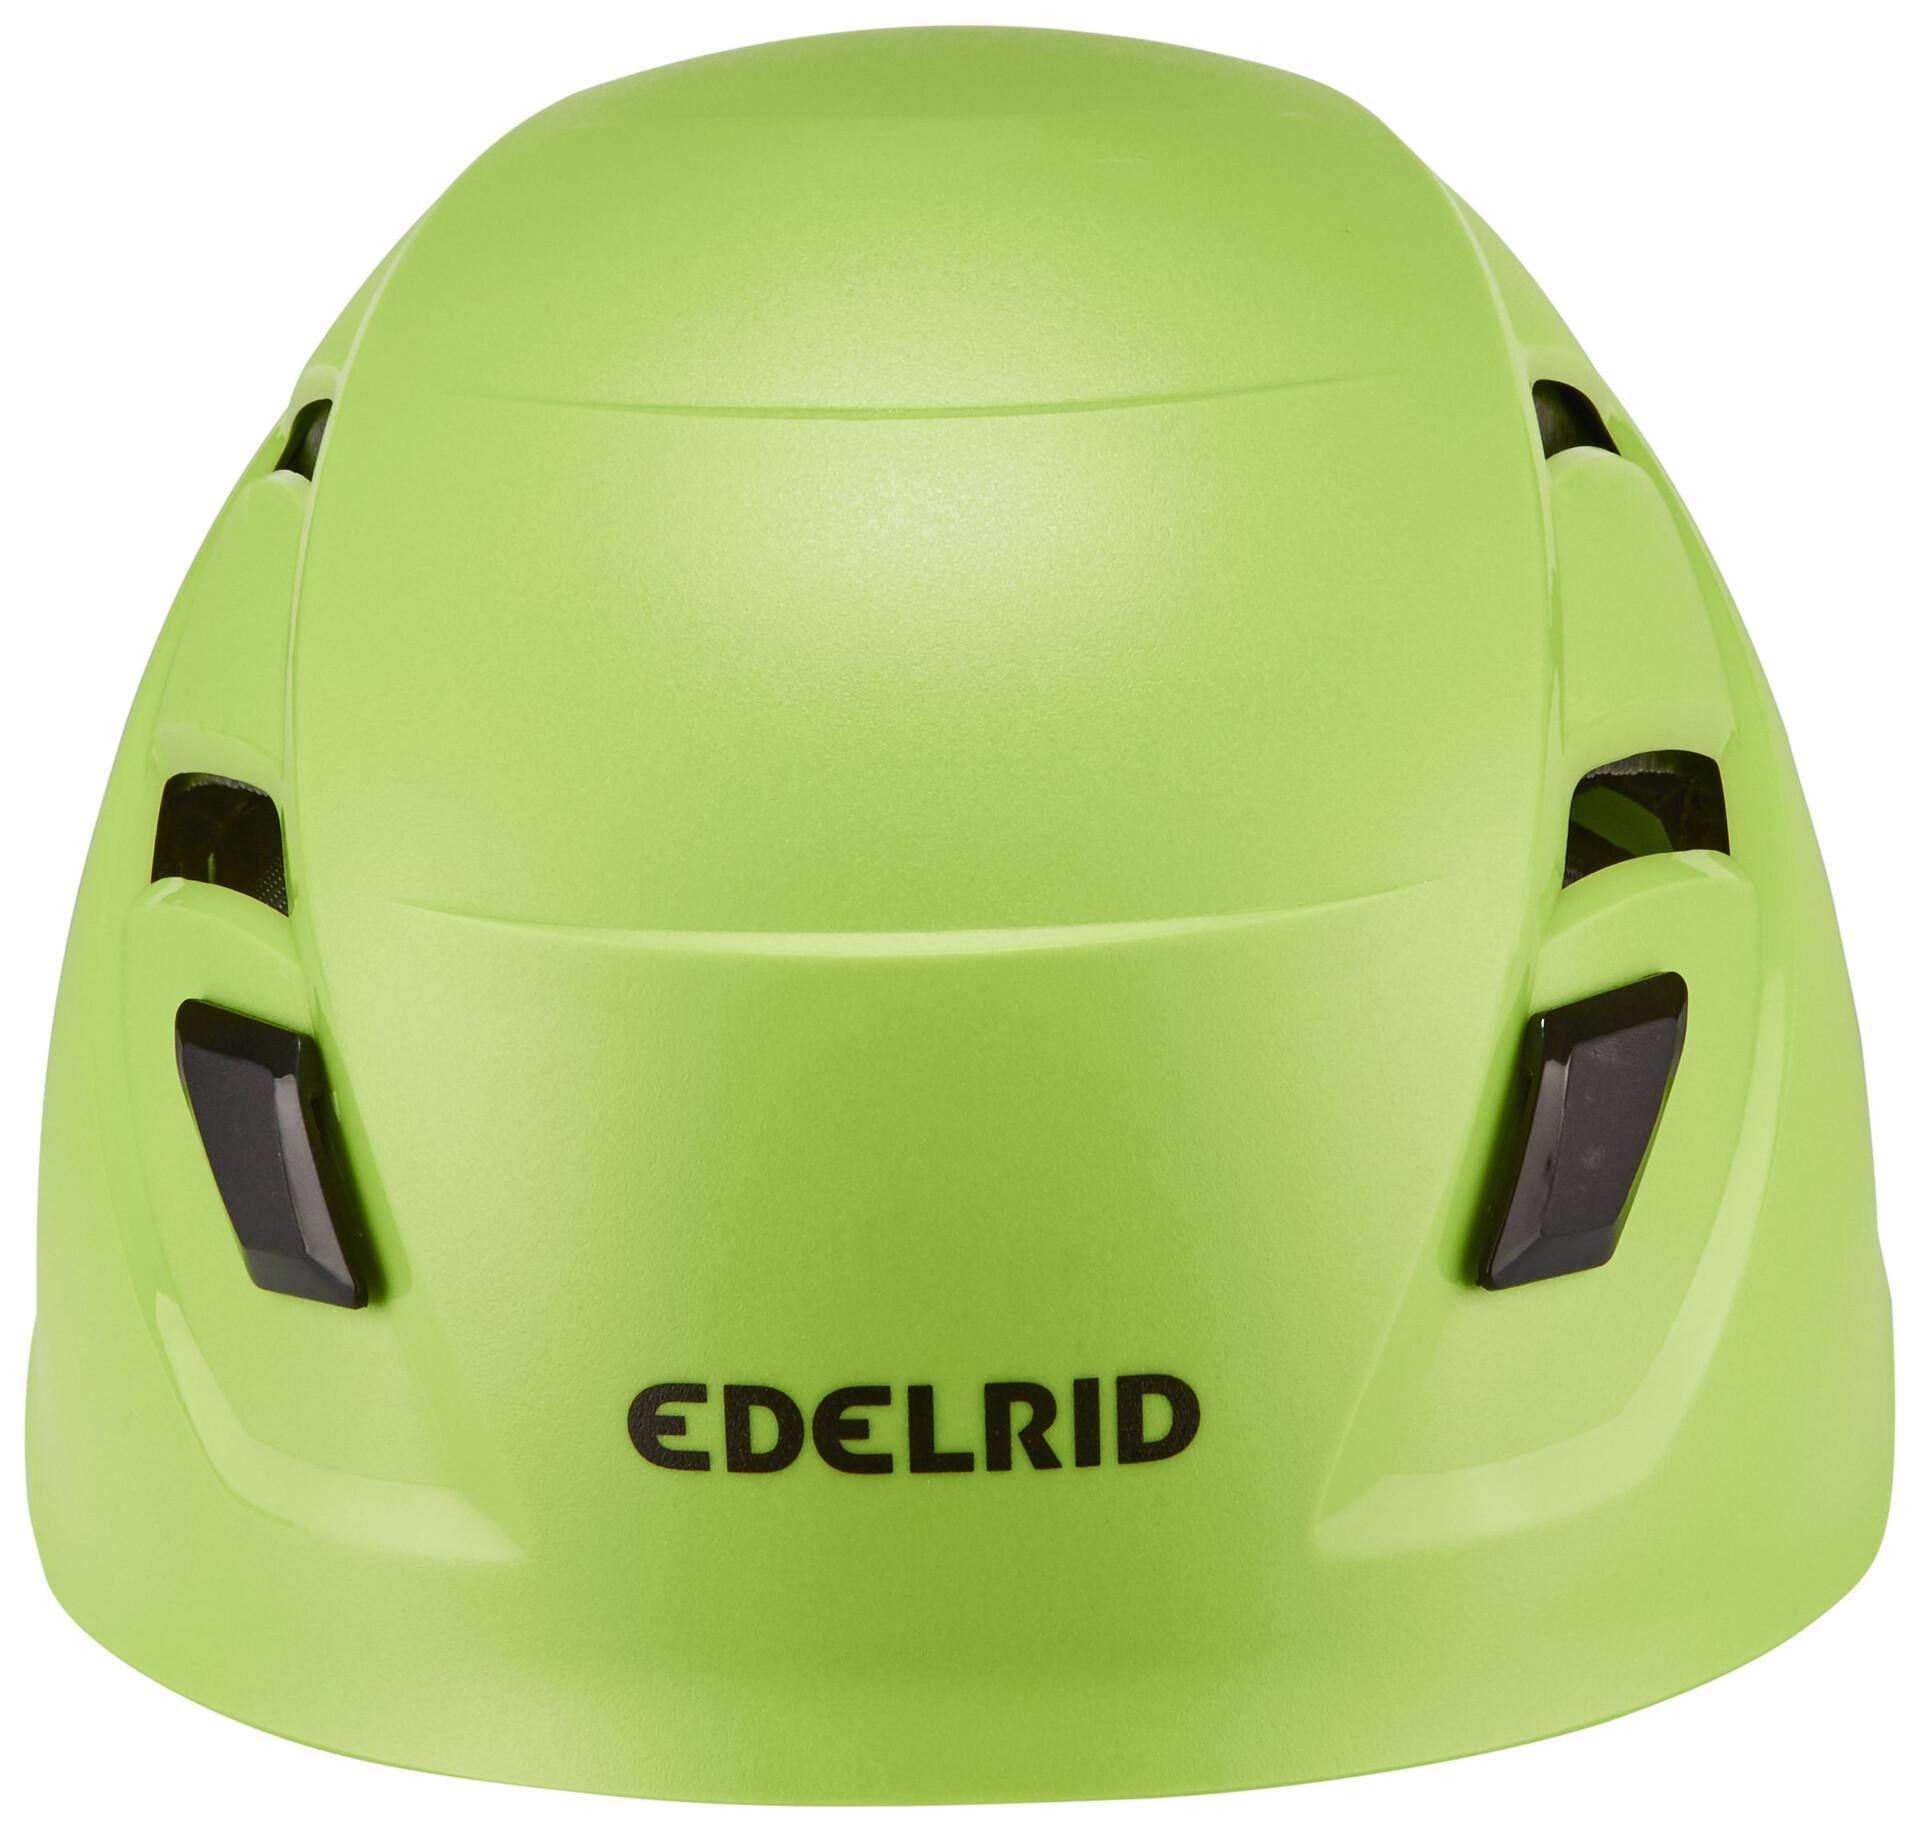 Edelrid Zodiac Zodiac Zodiac Helmet oasis 463465